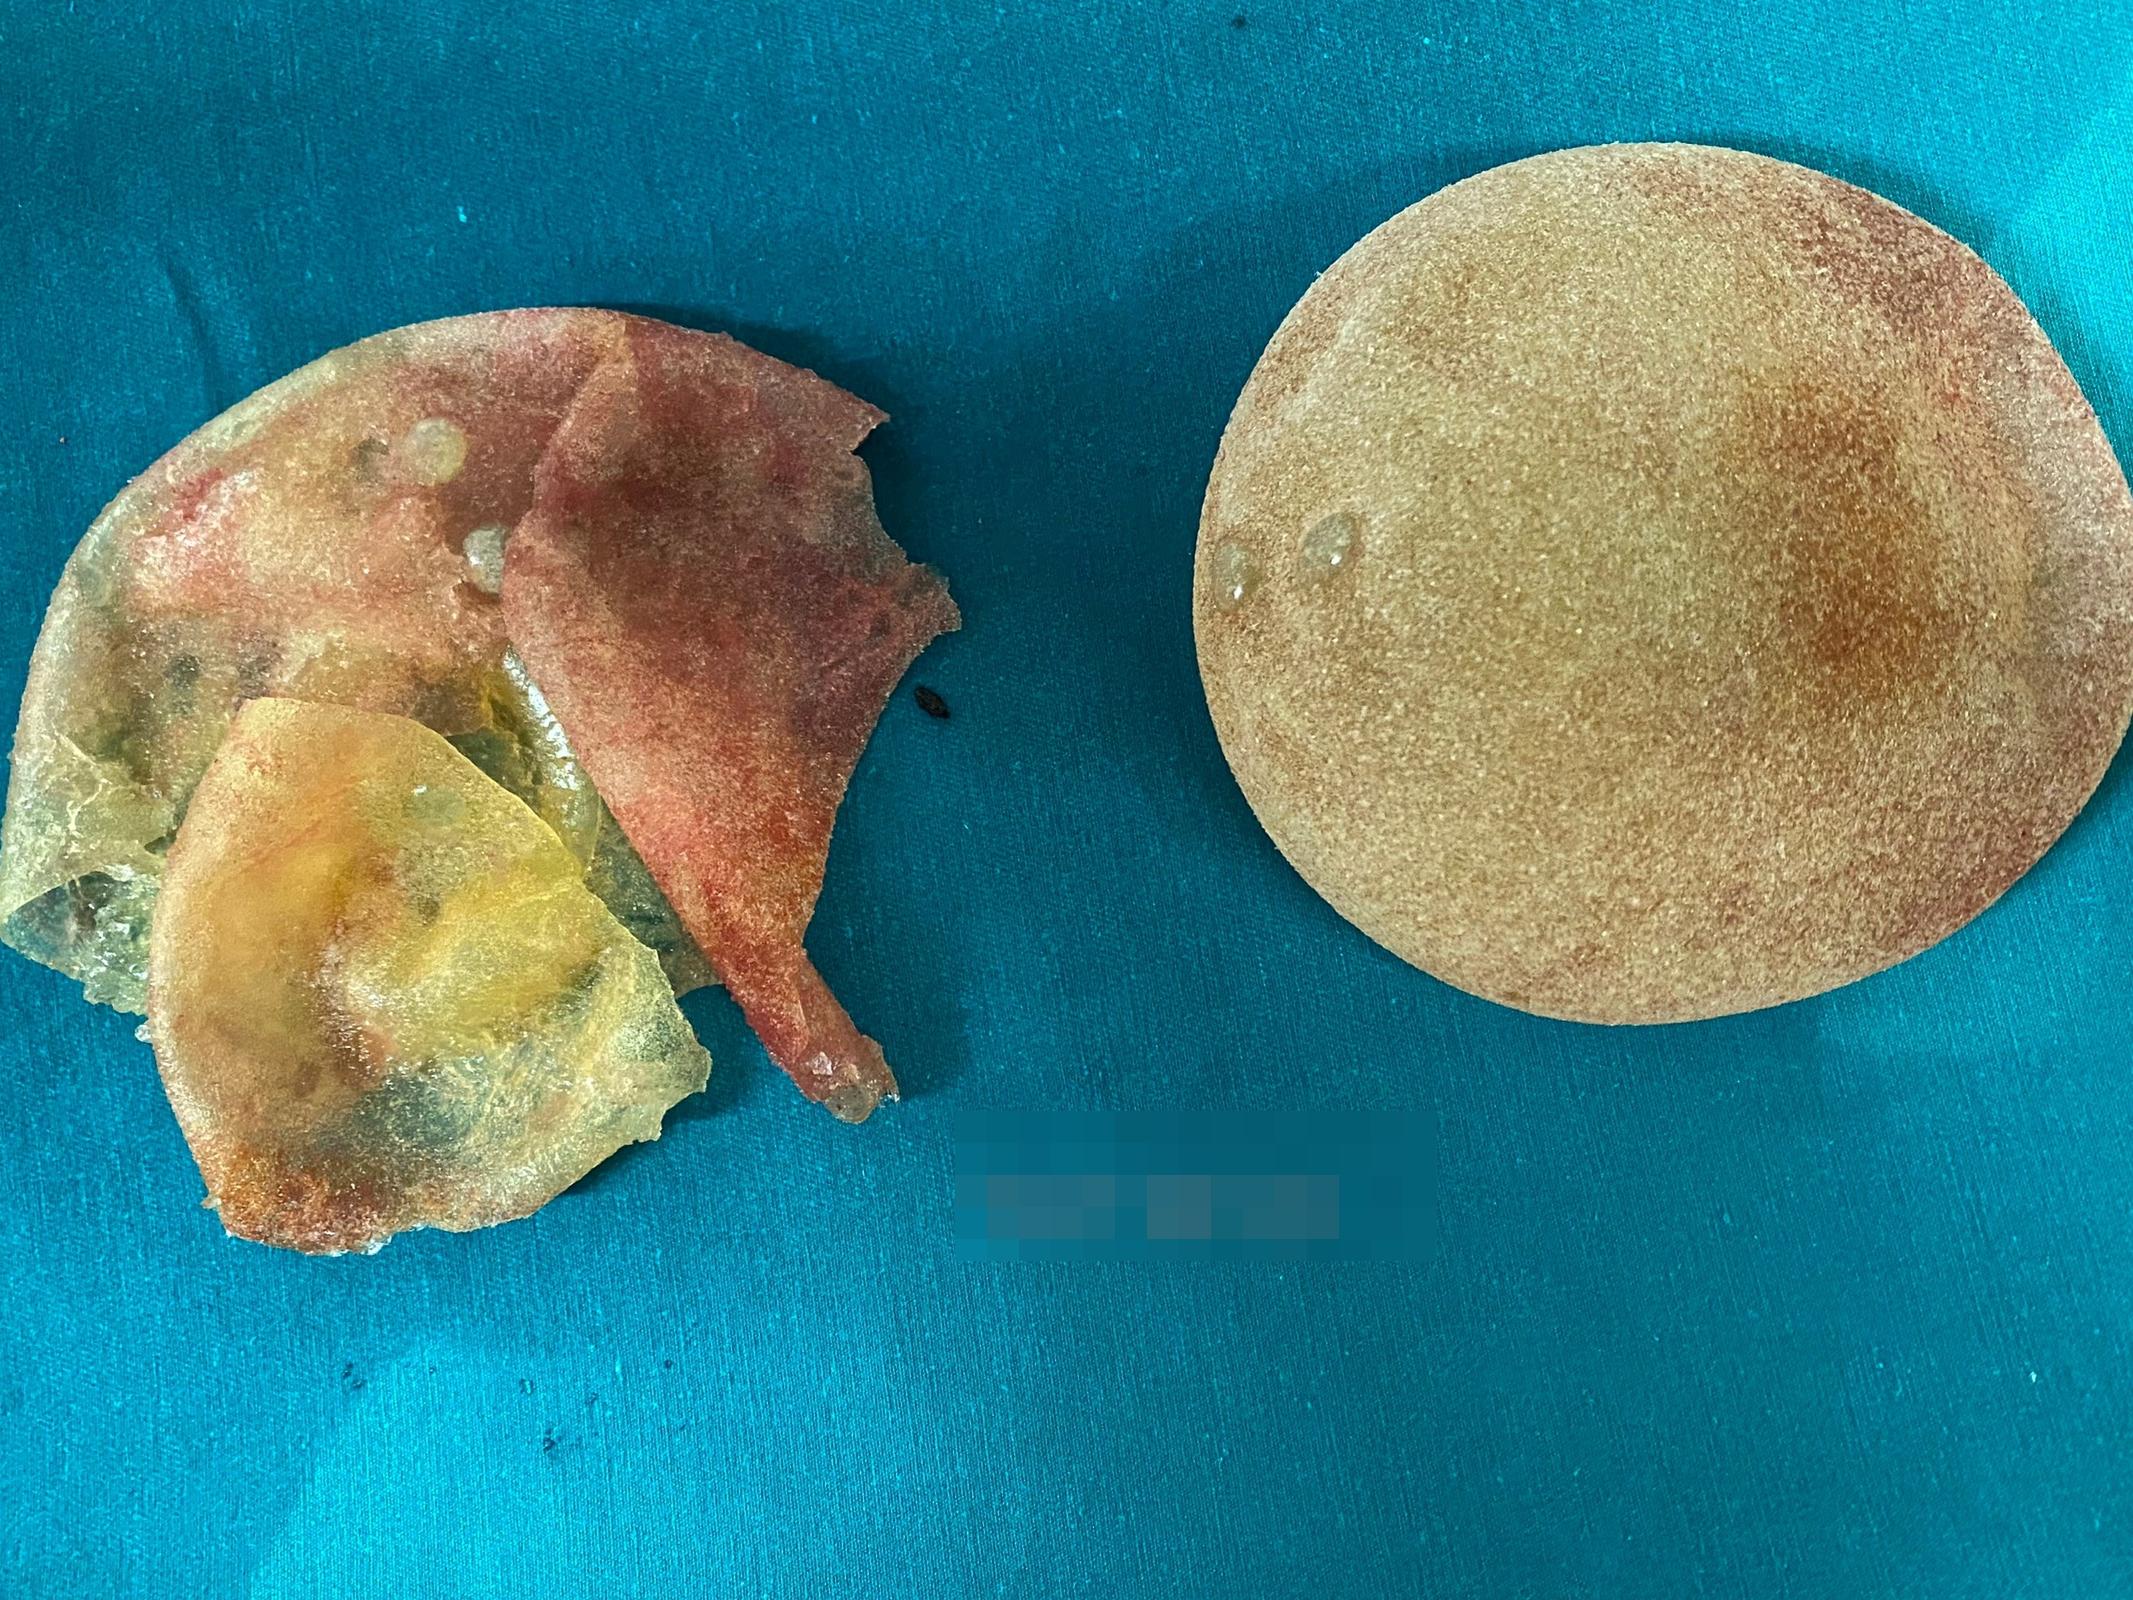 Nâng ngực bằng túi nhám hình giọt nước, 5 năm sau đi khám lại người phụ nữ mới biết túi ngực đã bị vỡ từ bao giờ